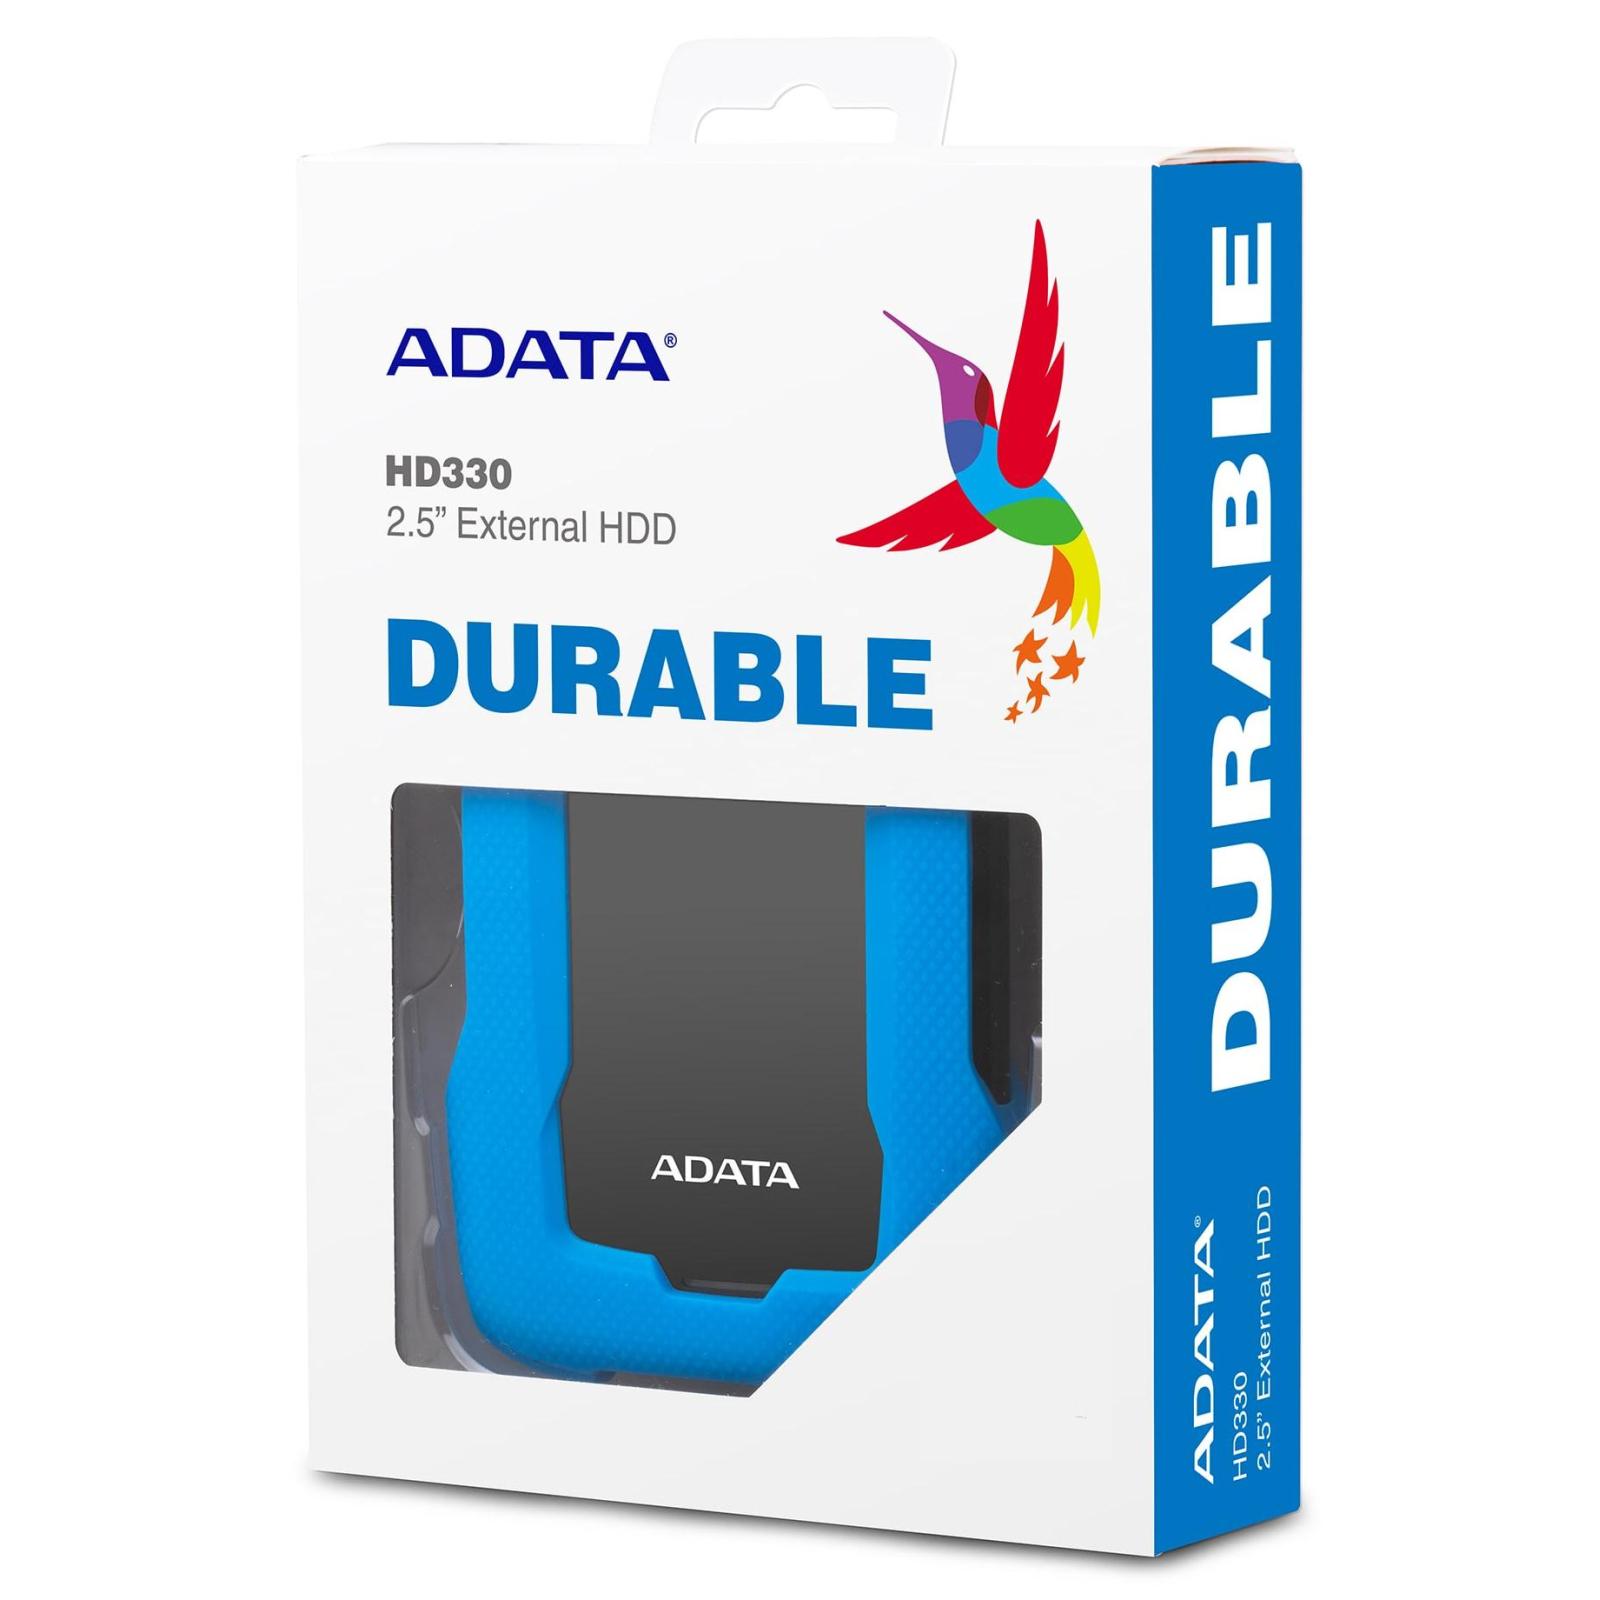 """Внешний жесткий диск 2.5"""" 1TB ADATA (AHD330-1TU31-CBL) изображение 7"""